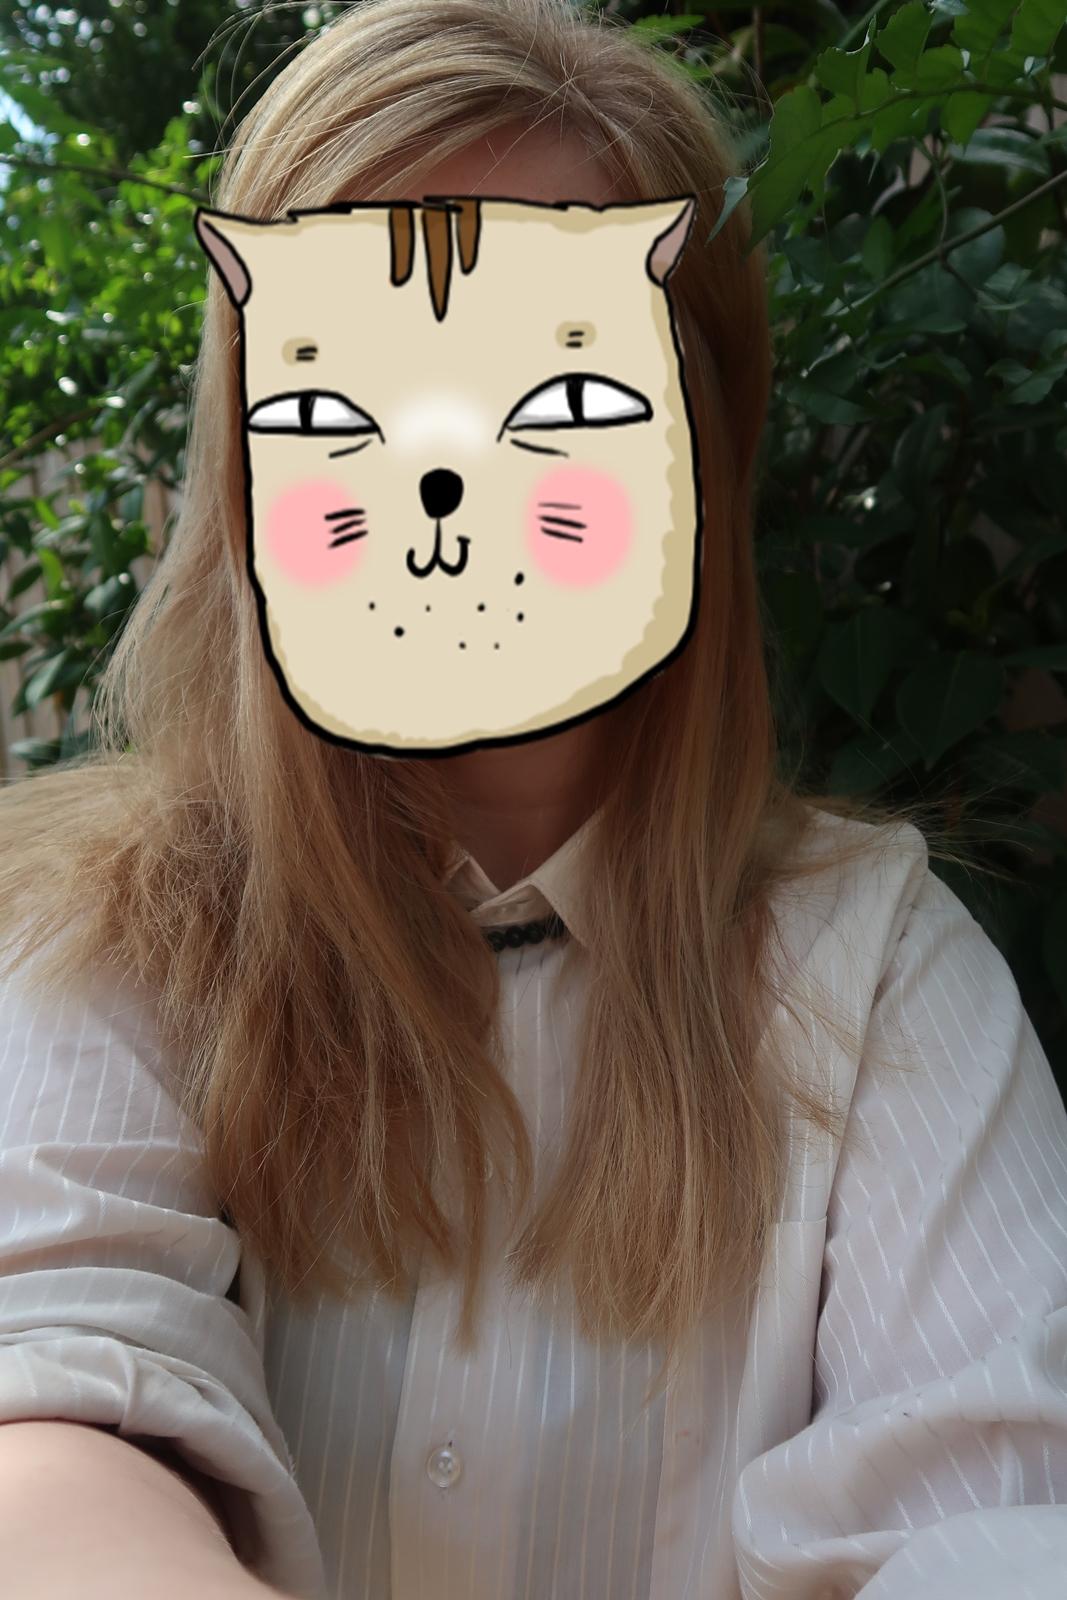 hair sadface.JPG